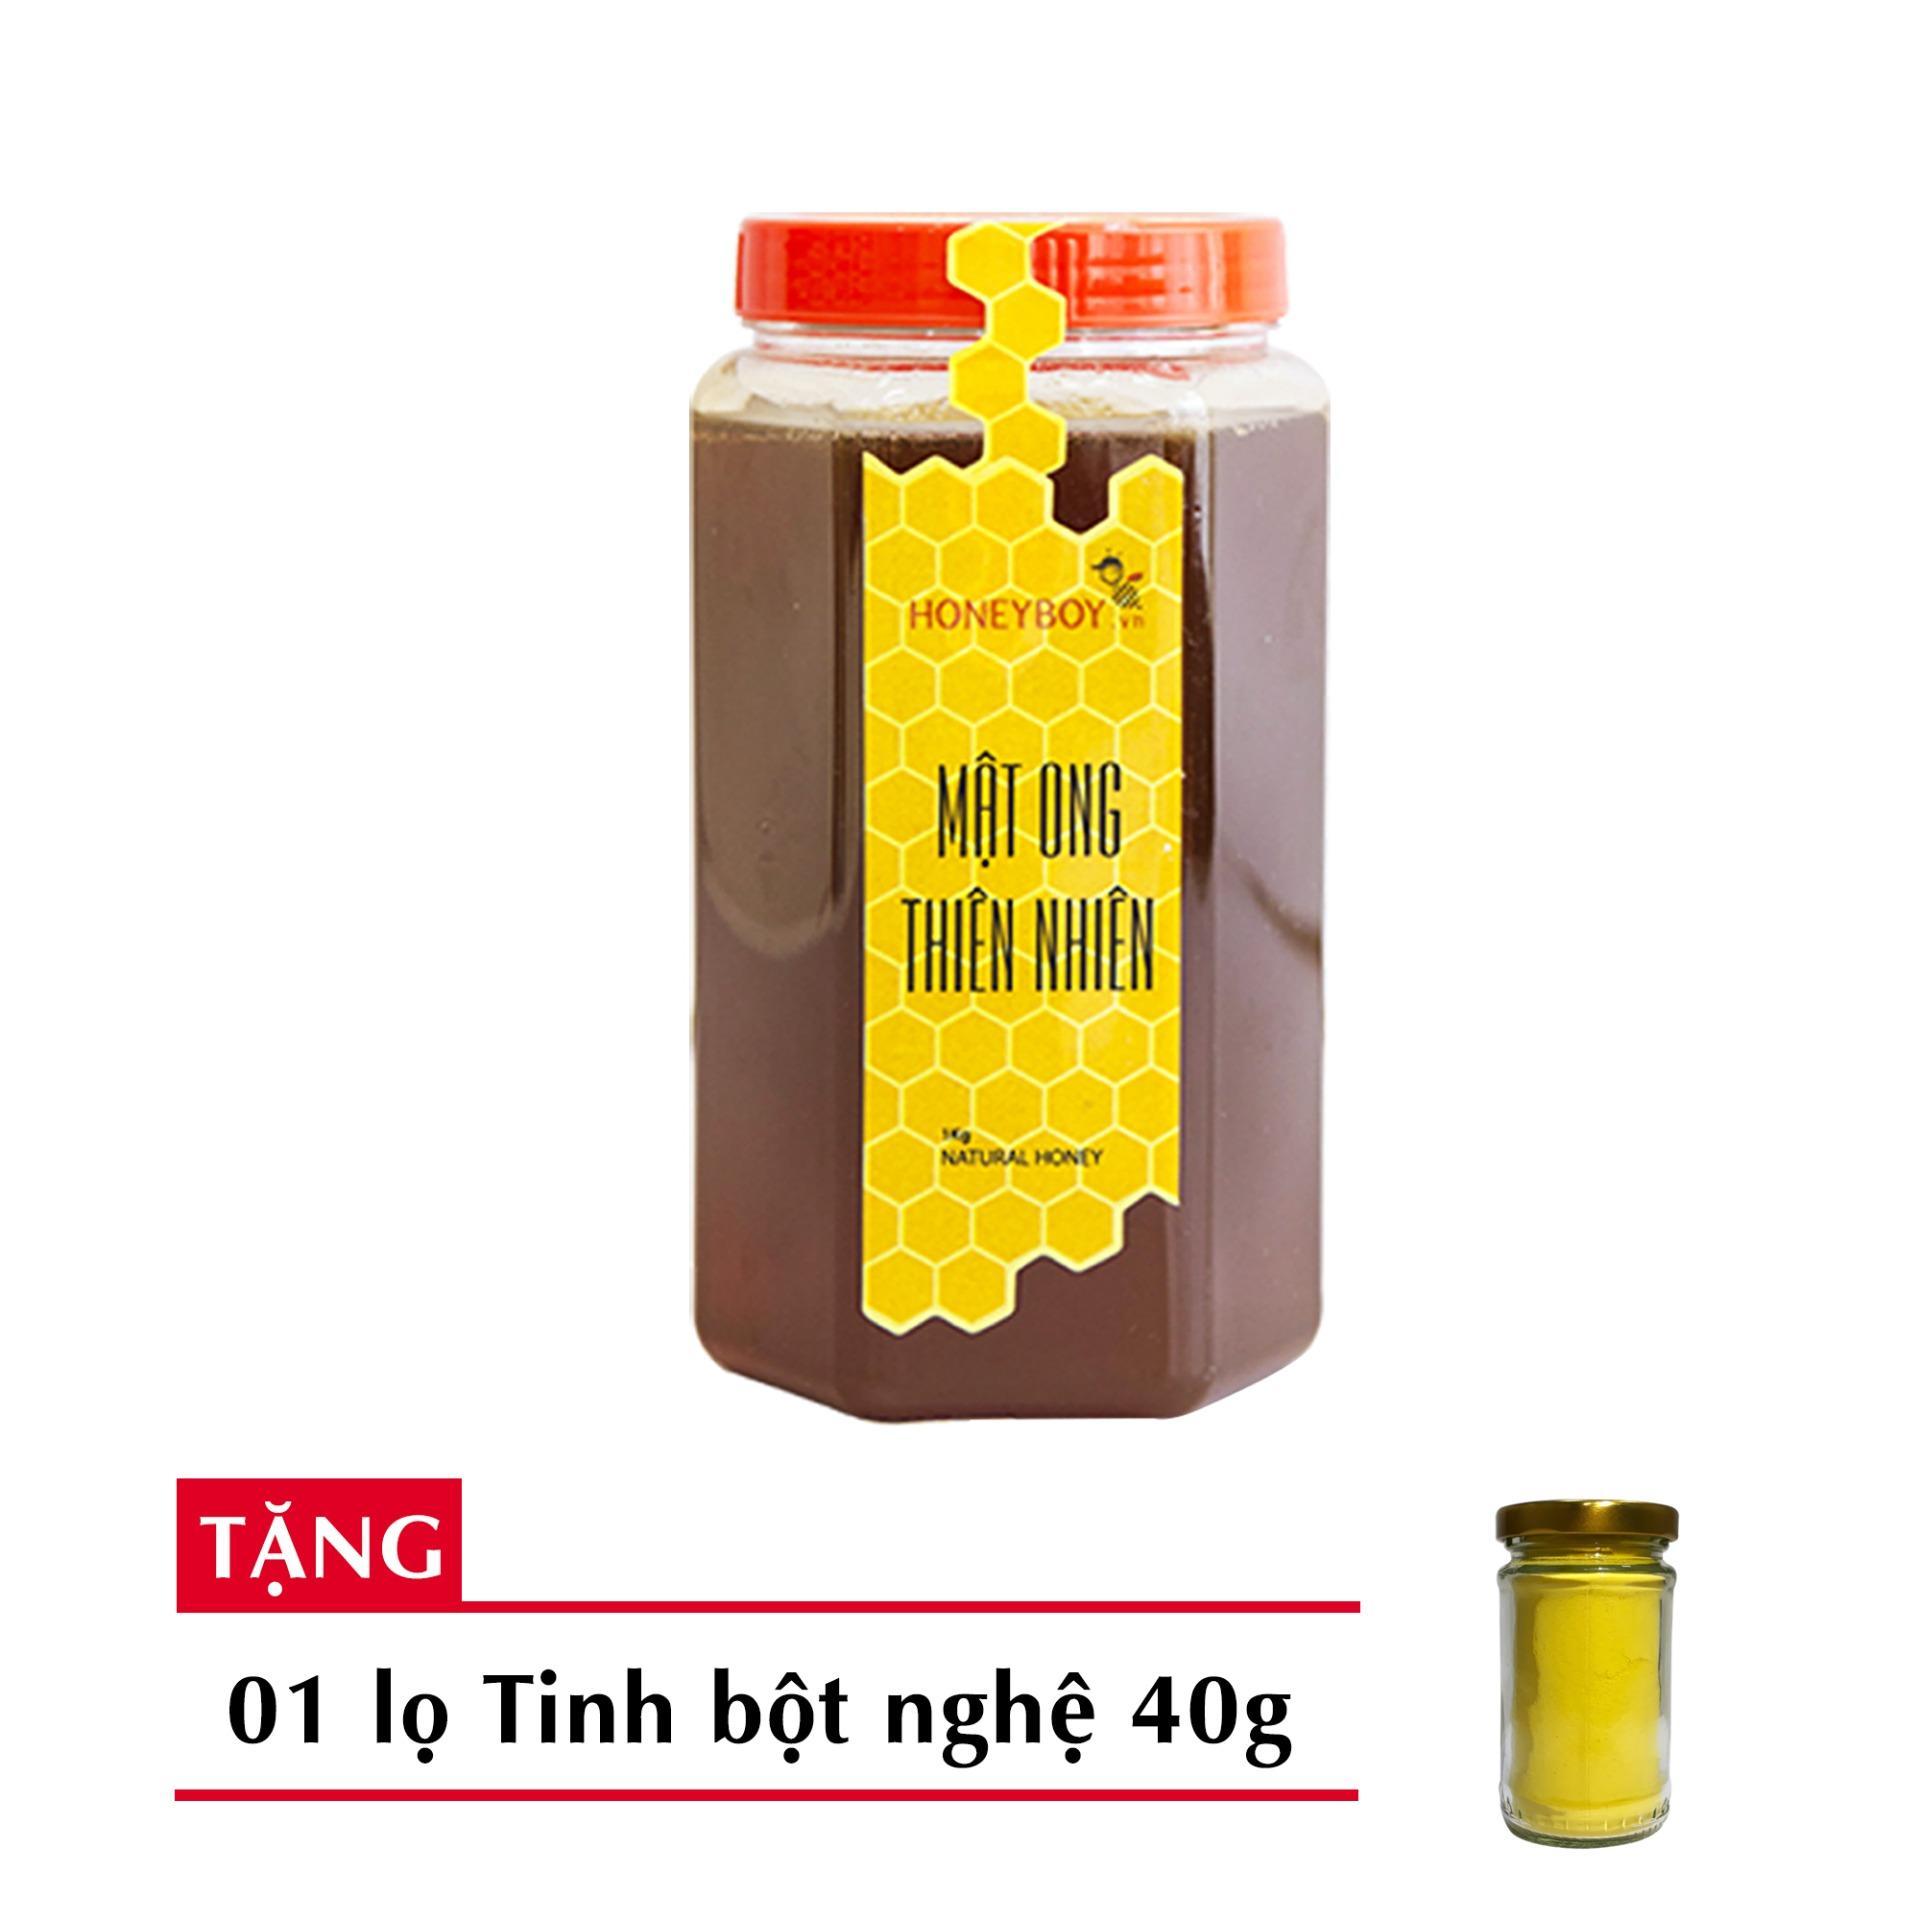 Mật Ong Thiên Nhiên Honeyboy 1Kg Tặng Tinh Nghệ 40G nhập khẩu